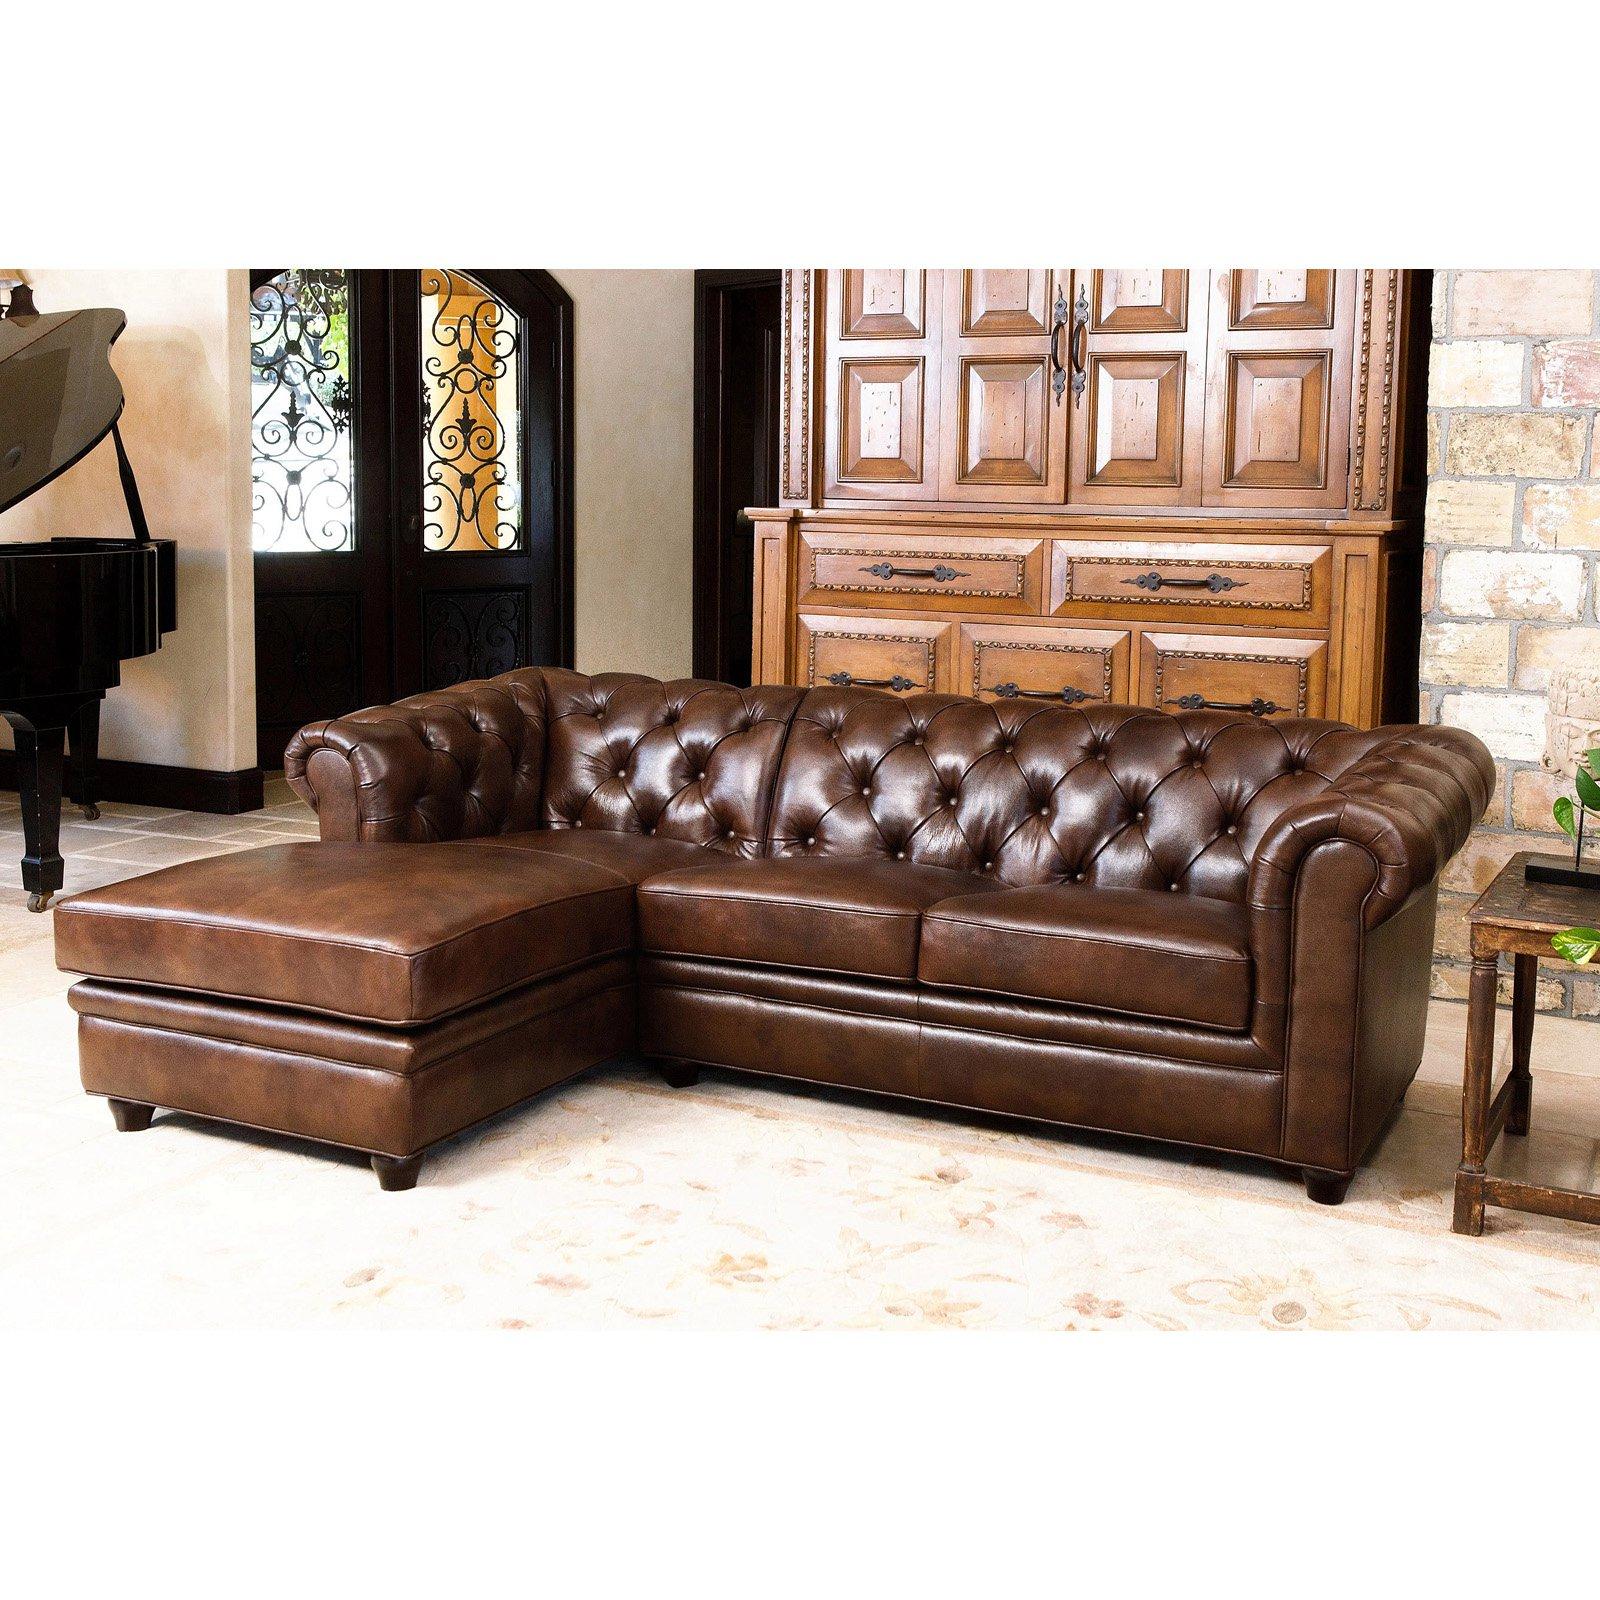 Baci Living Room (View 4 of 20)